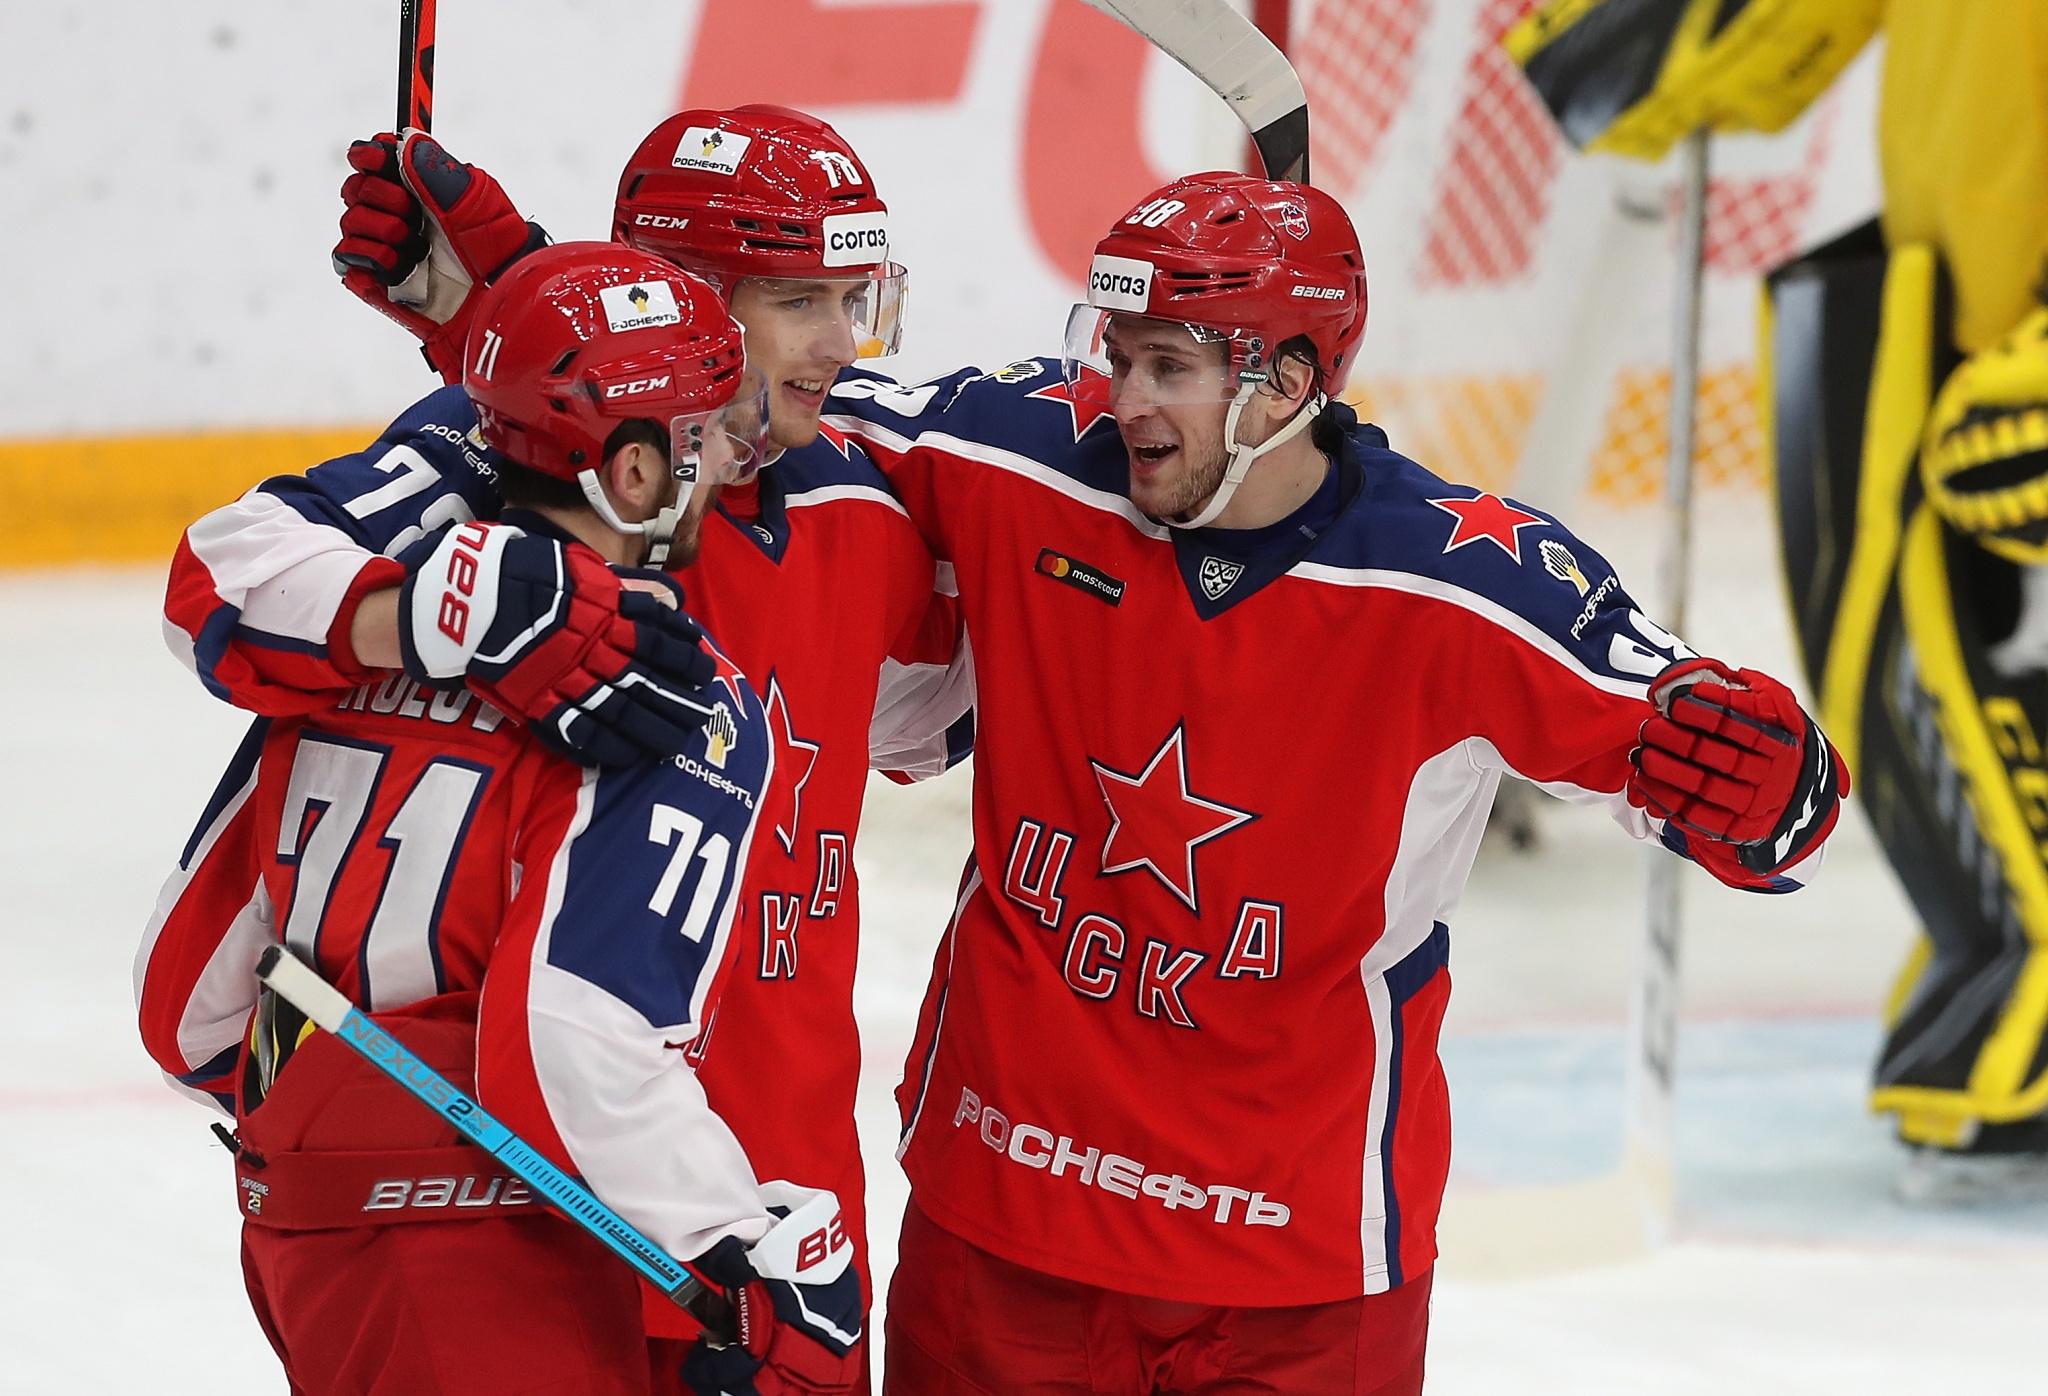 Константин Окулов, Максим Шалунов, Максим Мамин. Фото: Юрий Кузьмин